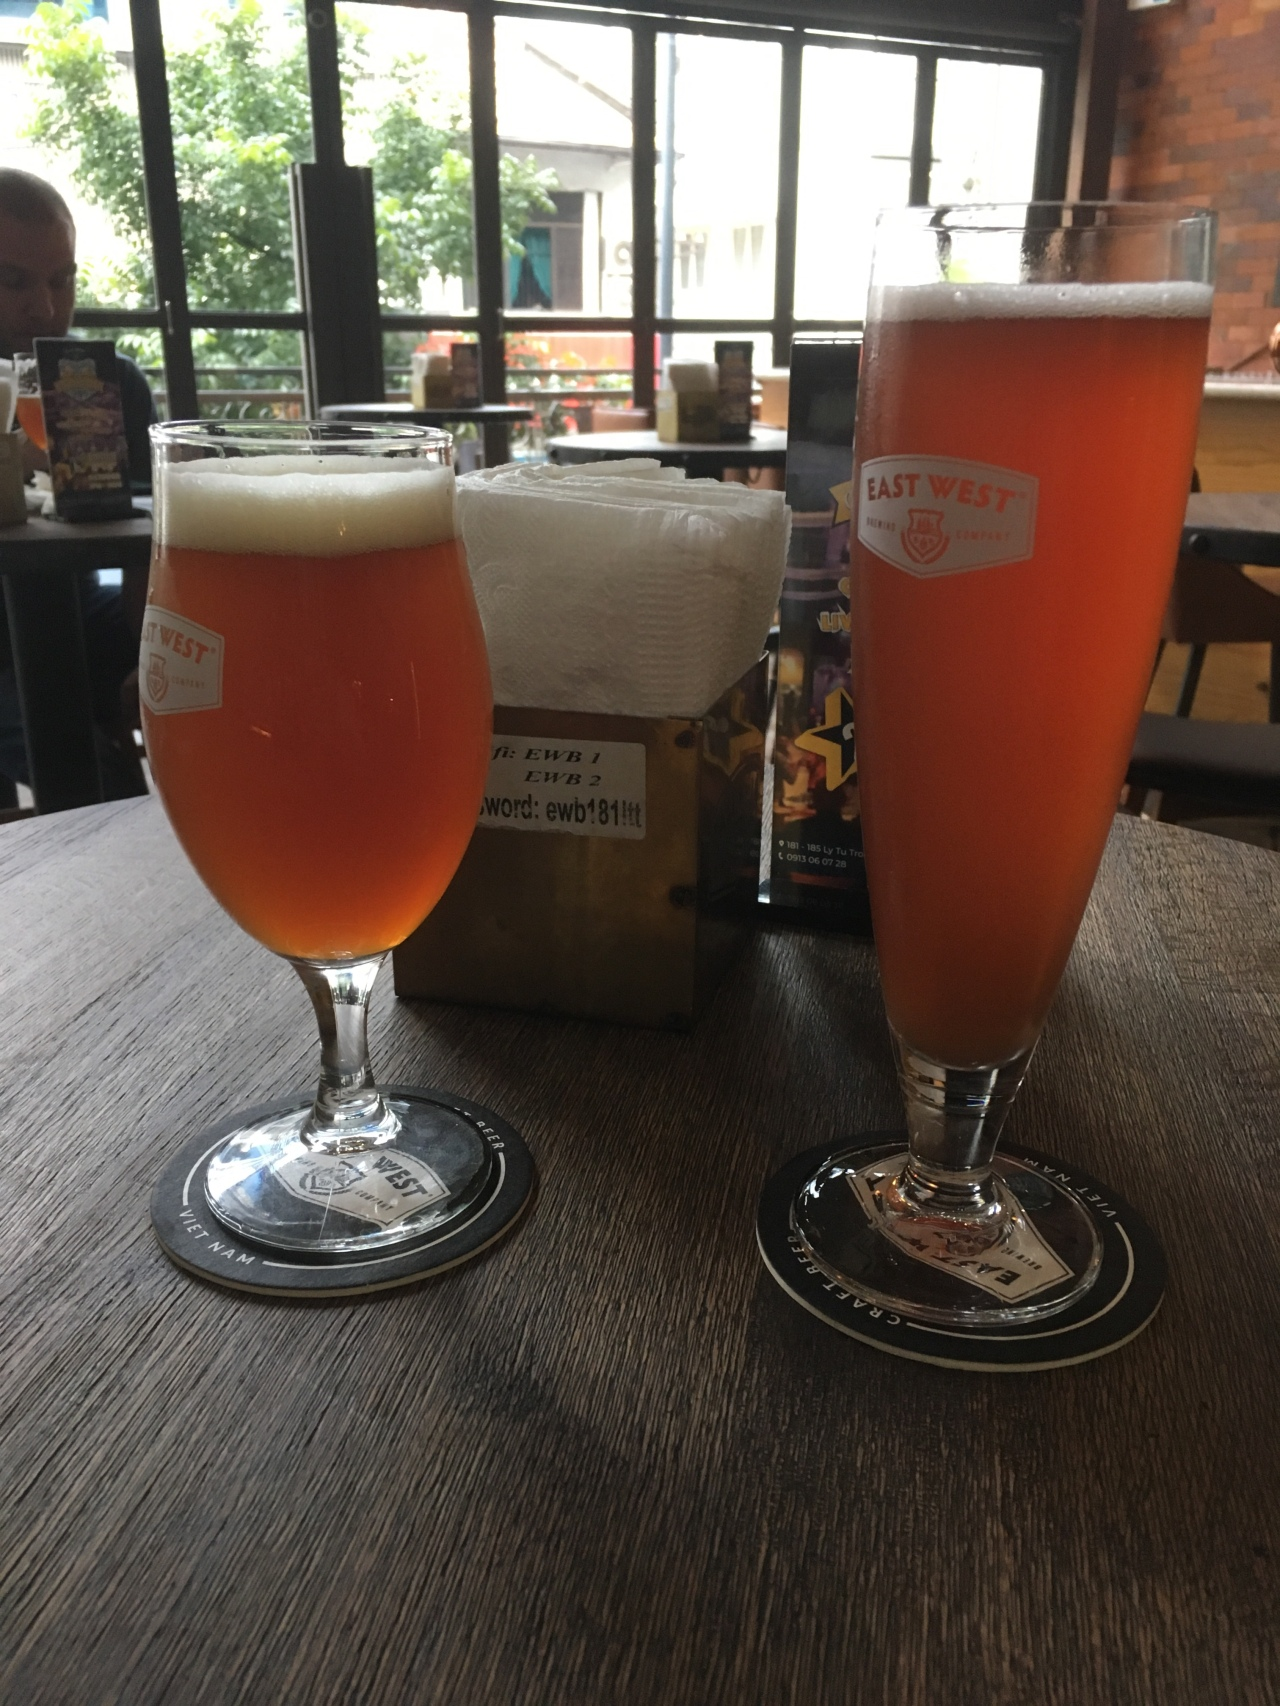 Beers at East West Brewery